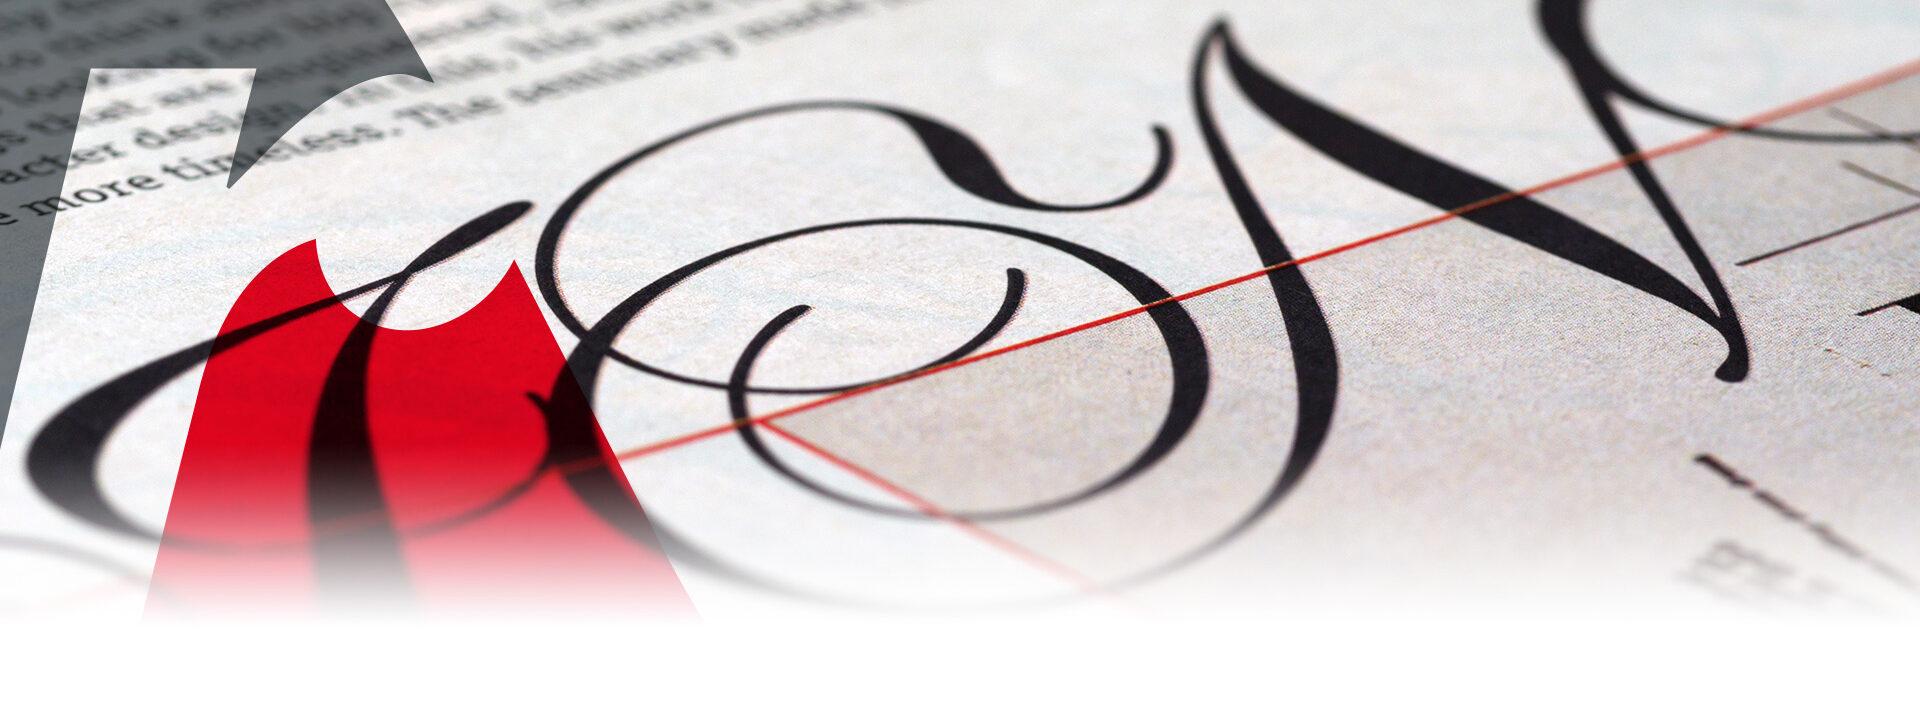 Diseño editorial y maquetación de libros